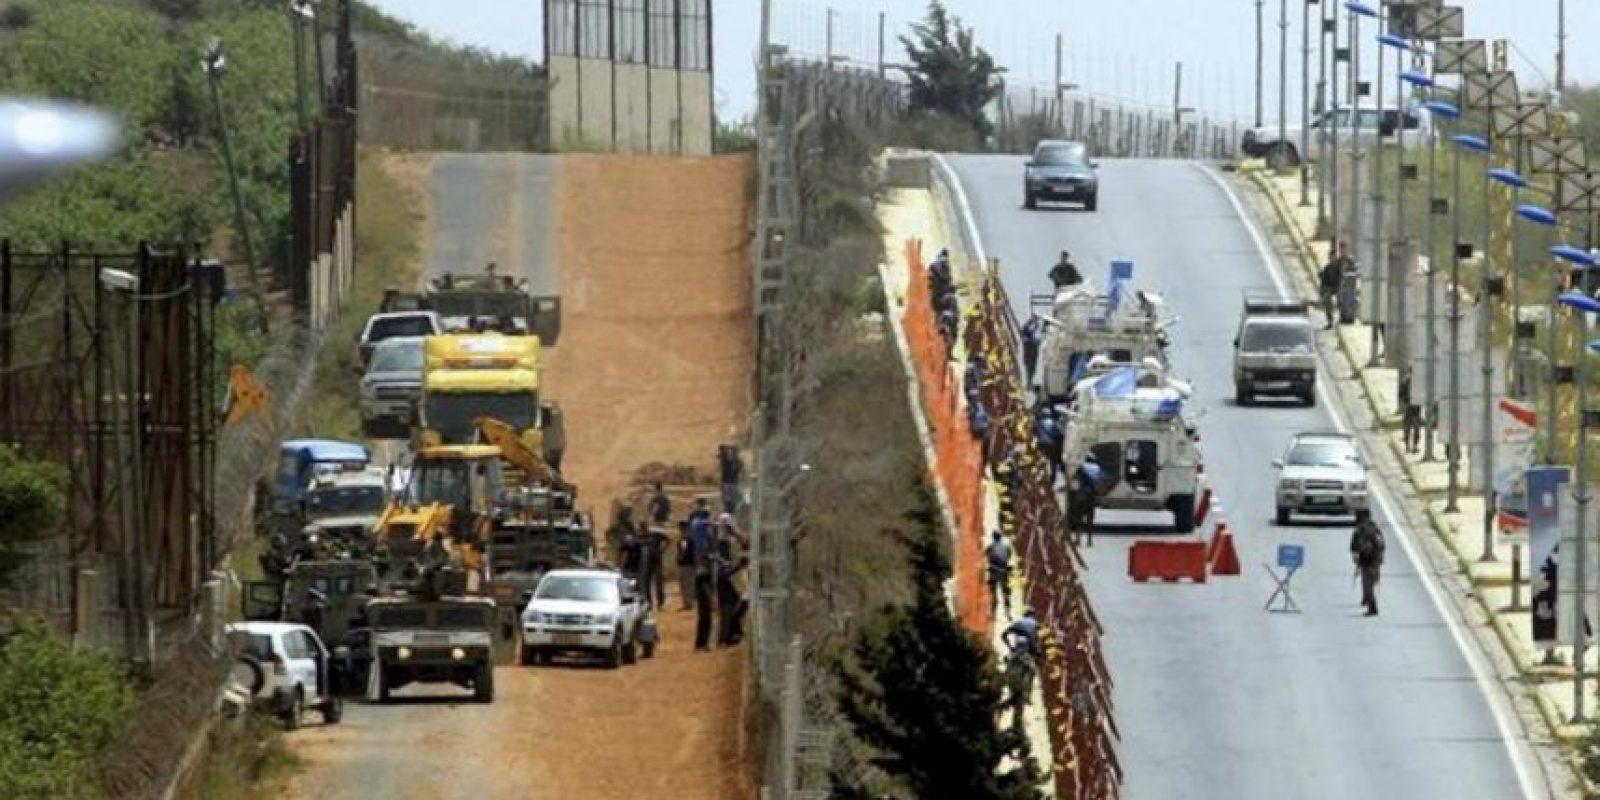 Obreros israelíes (i) retiran una alambrada de espino mientras militares españoles desplazados al Líbano en el marco de la misión UNIFIL de Naciones Unidas patrullan una parte de la frontera entre Líbano e Israel, en la población de Kfar Kila, Líbano, hoy, 30 de abril de 2012. EFE